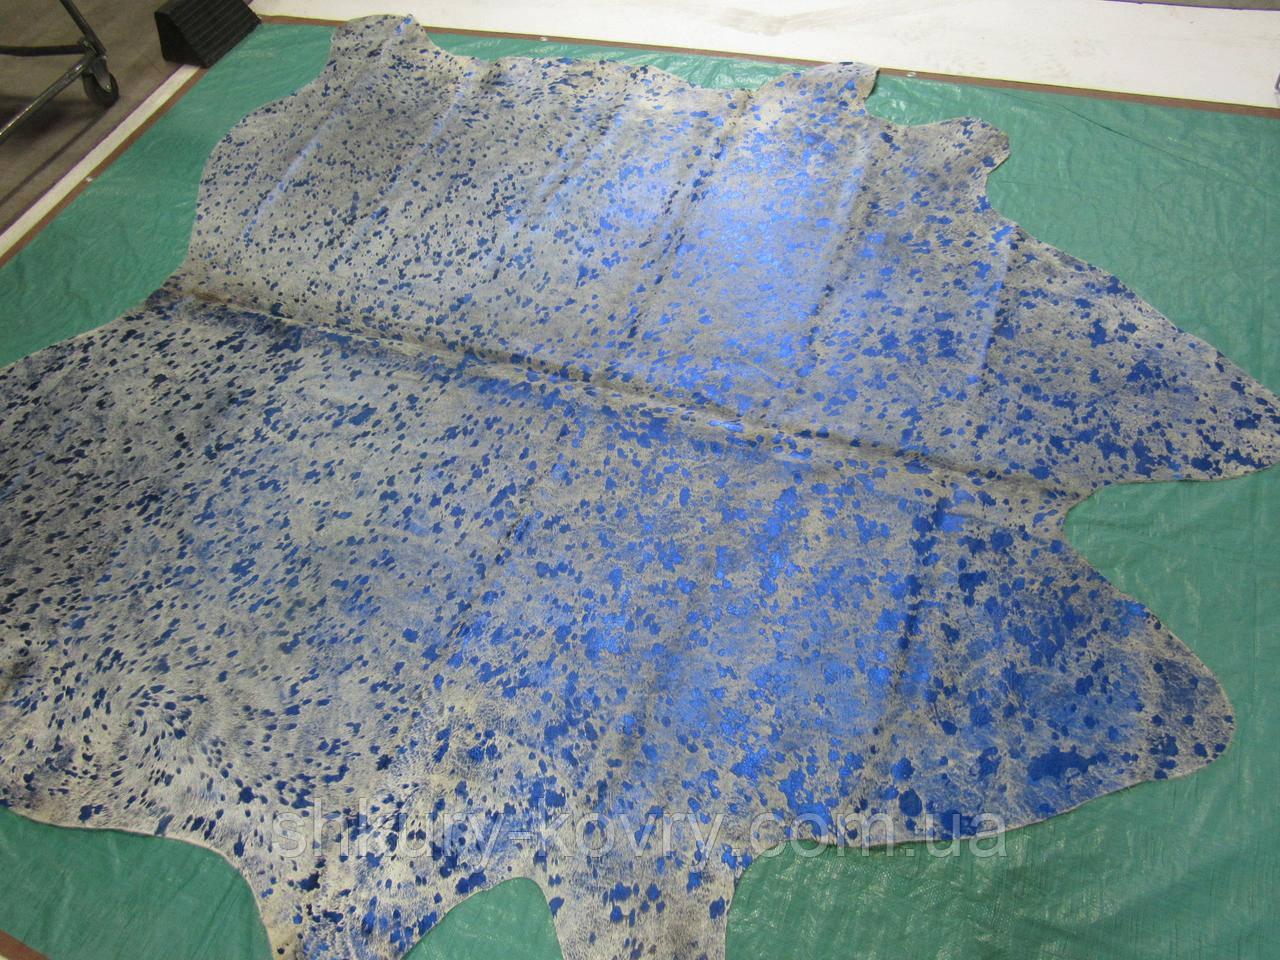 Модные напольные интерьерные шкуры коров с необычным эффектом свечения или брызгами голубой краски